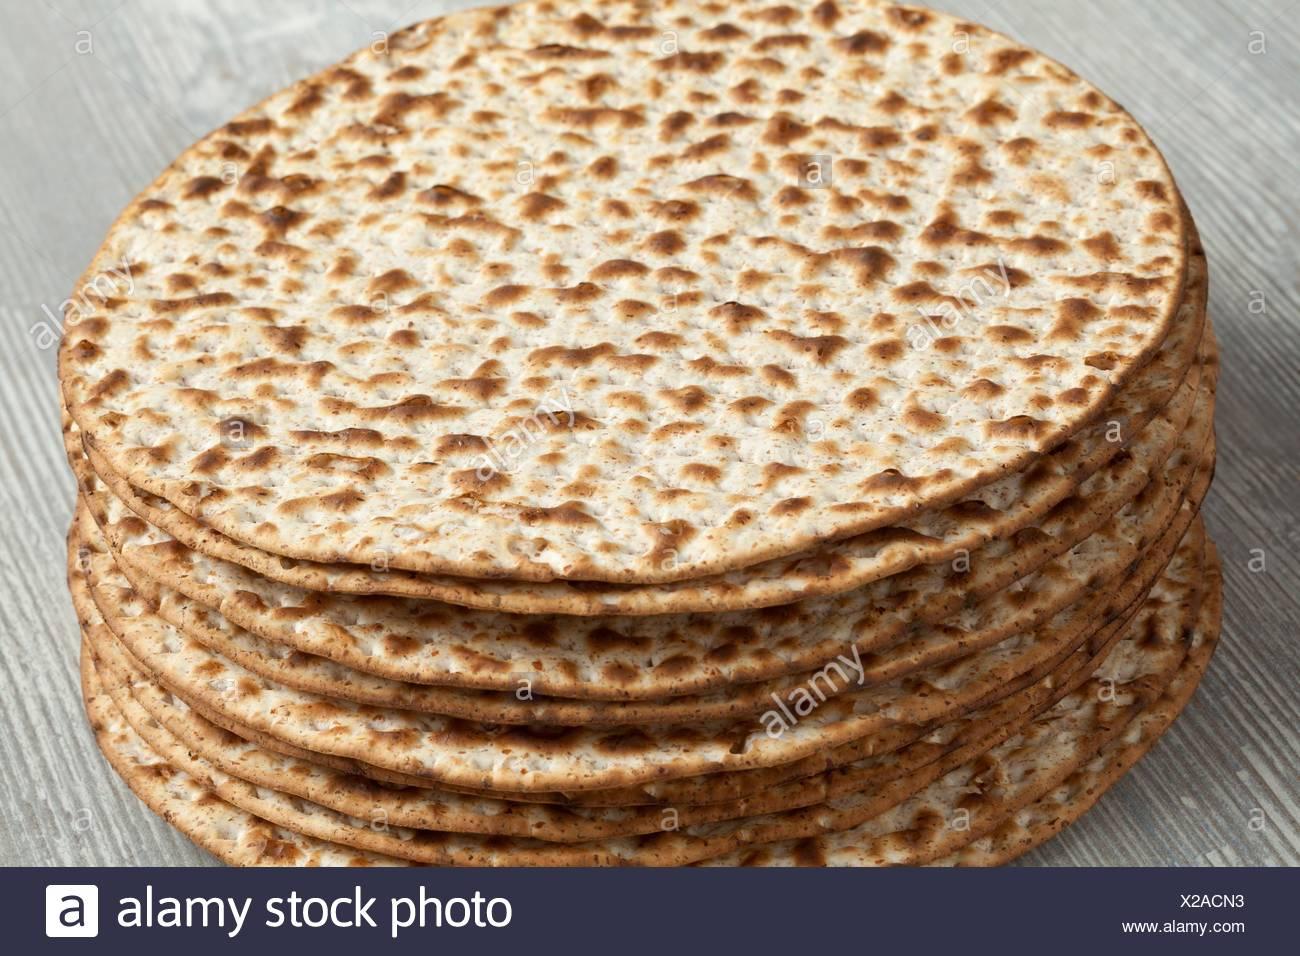 Pile of fresh wholewheat matzah. - Stock Image